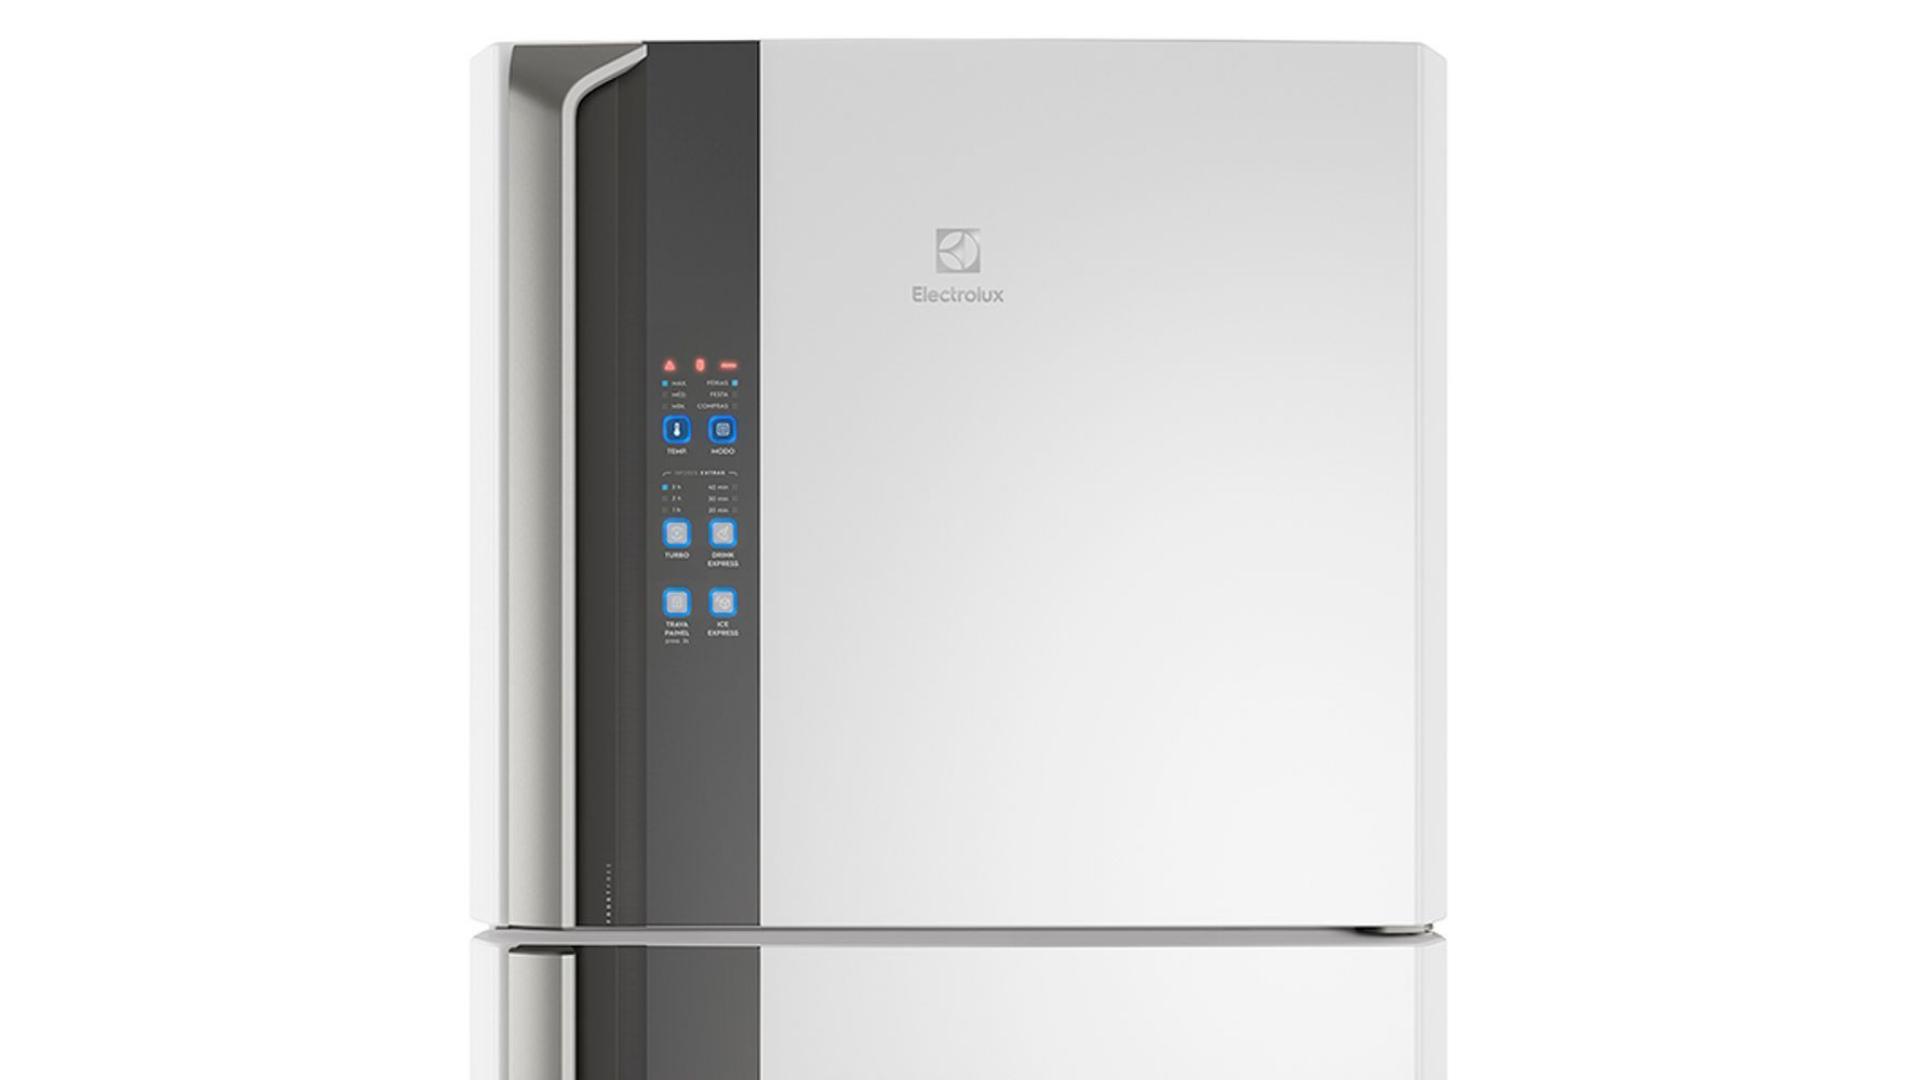 A DF56 da Eletrolux é uma geladeira Frost Free com diversos recursos e funções (Imagem: Divulgação/Electrolux)